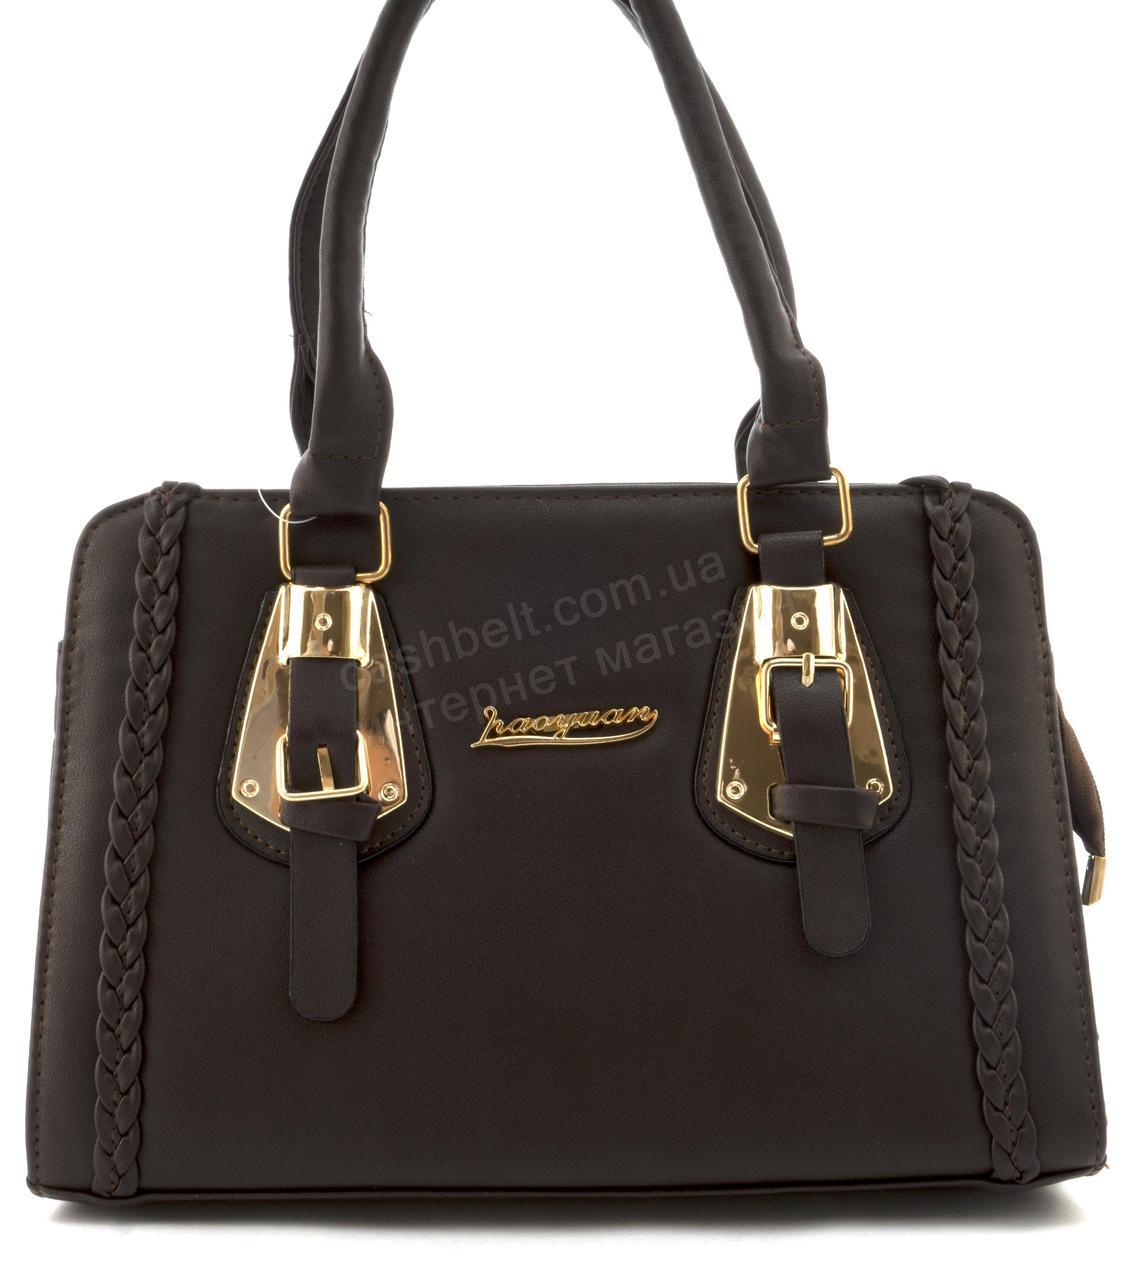 Оригинальная недорогая прочная элегантная женская сумка из эко кожи art. 053-2 коричневая